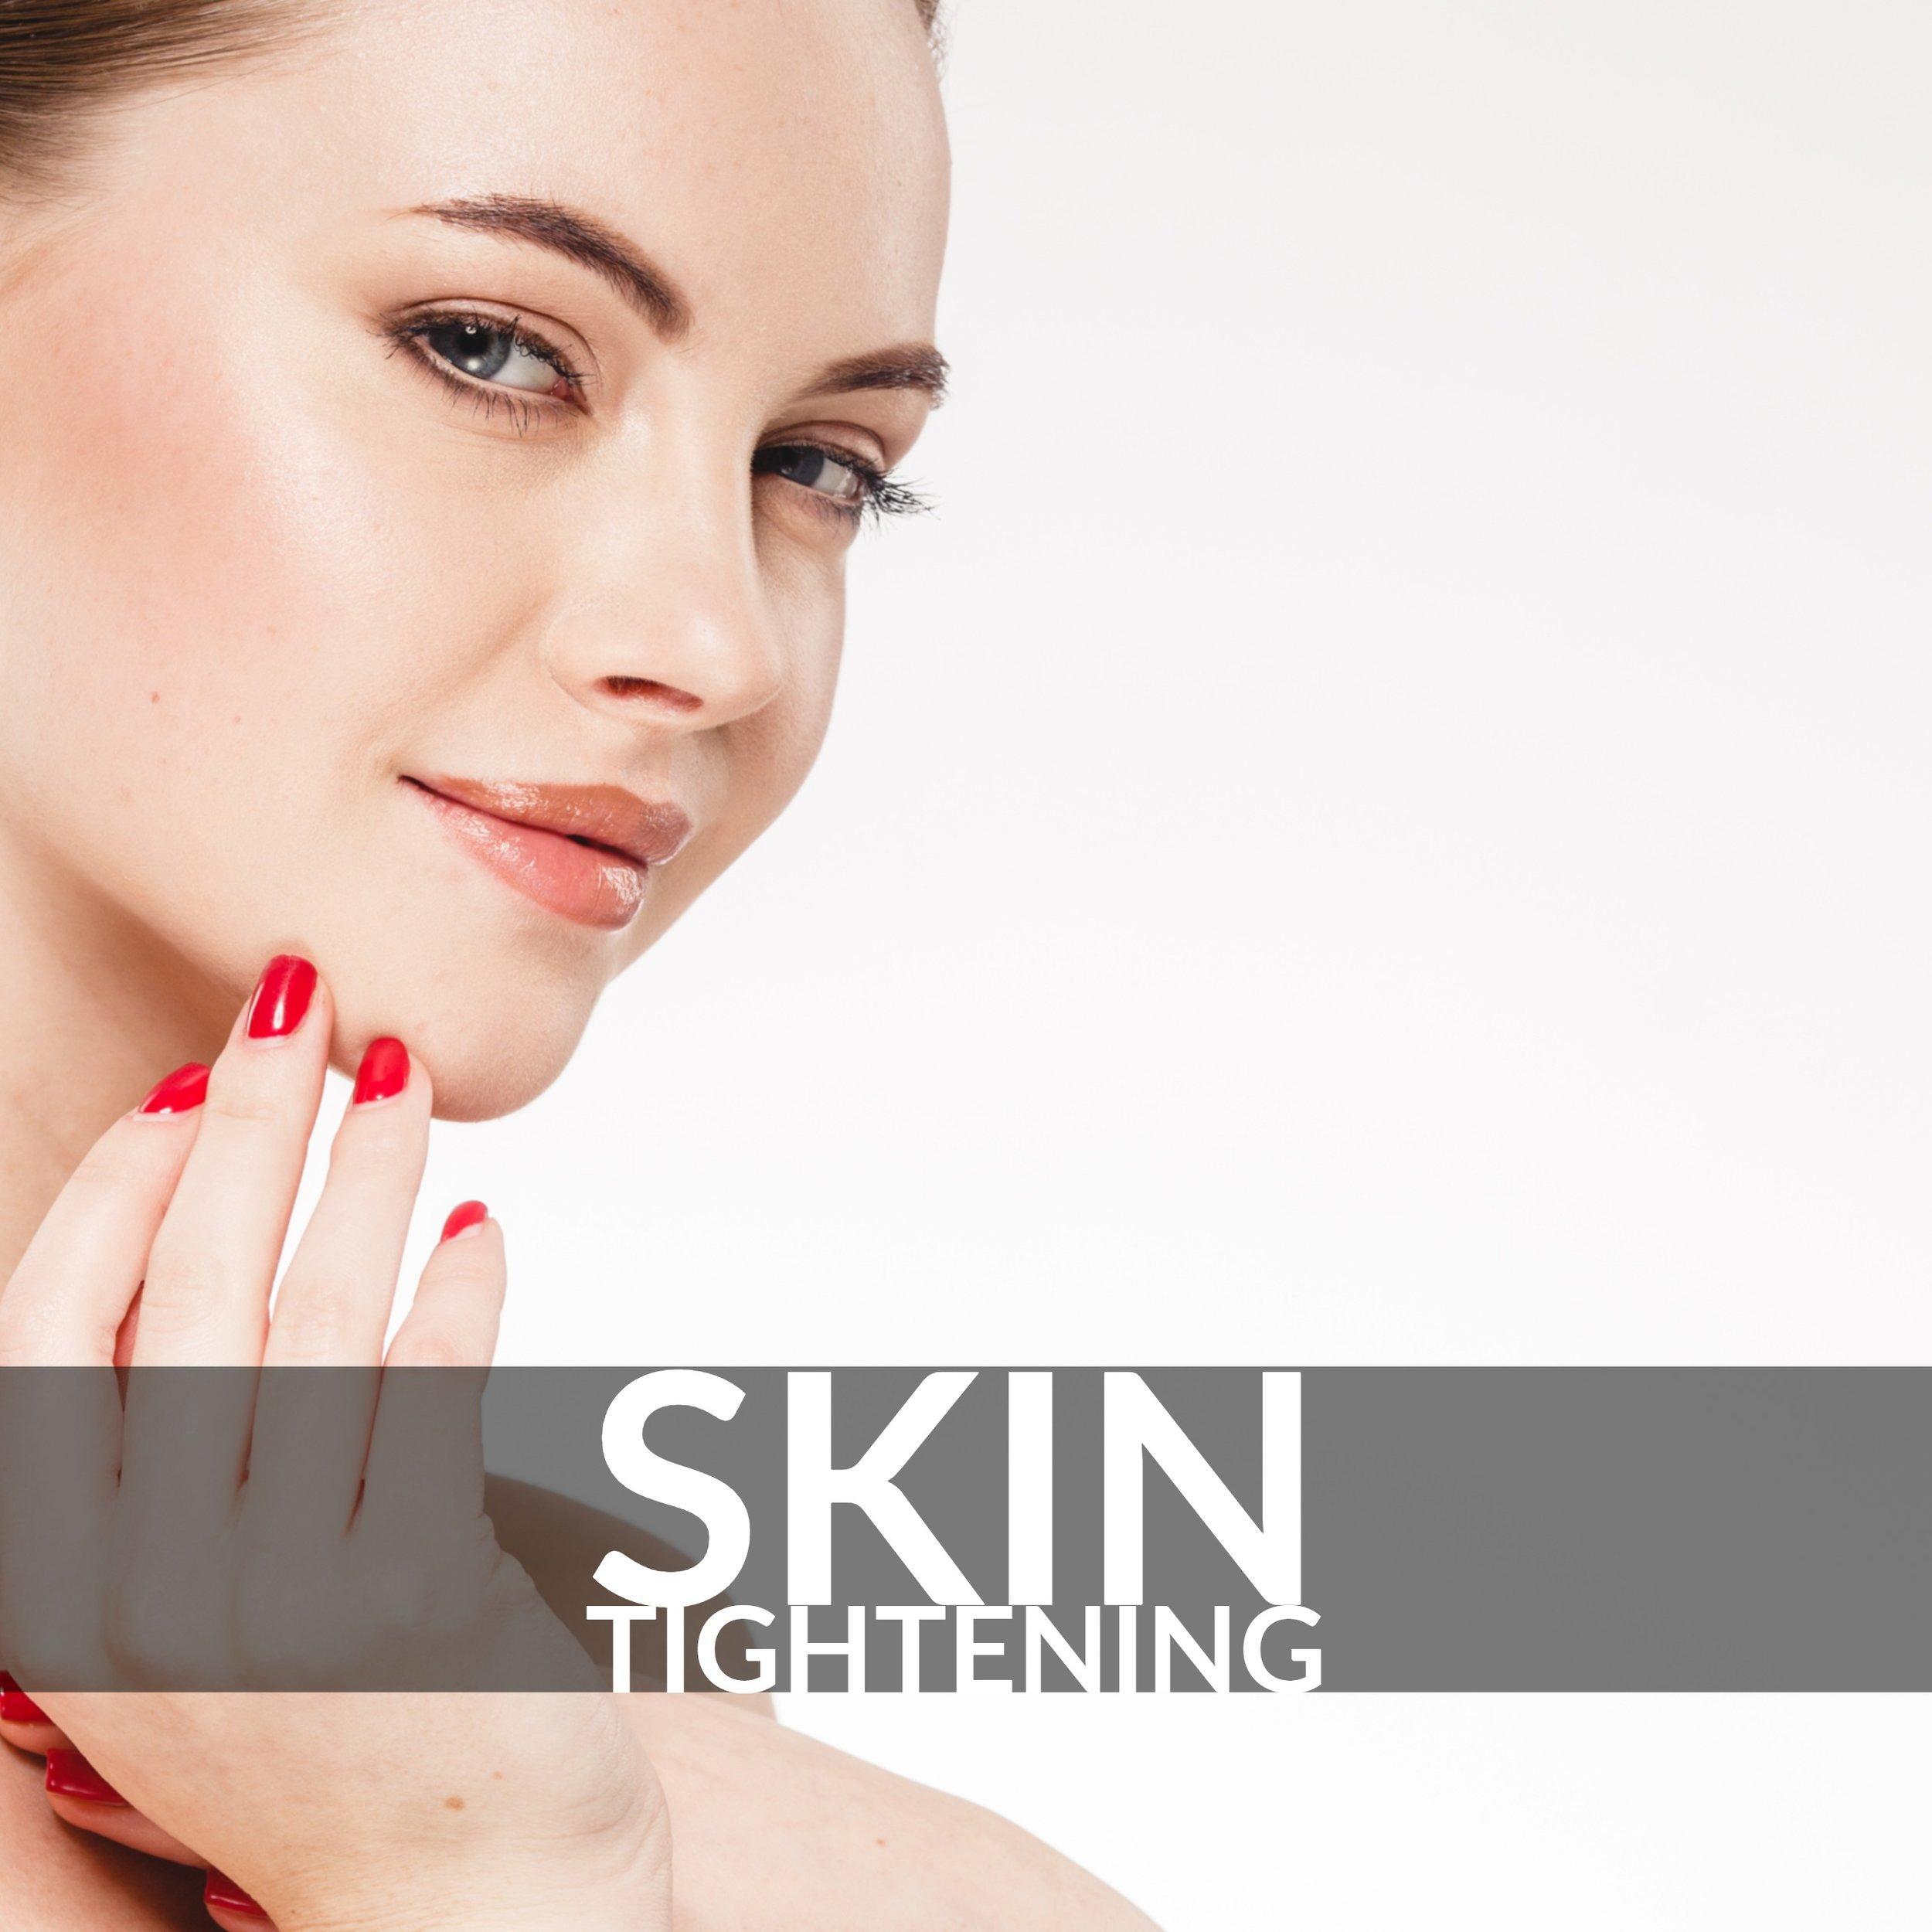 Exilis 360 for Skin Tightening